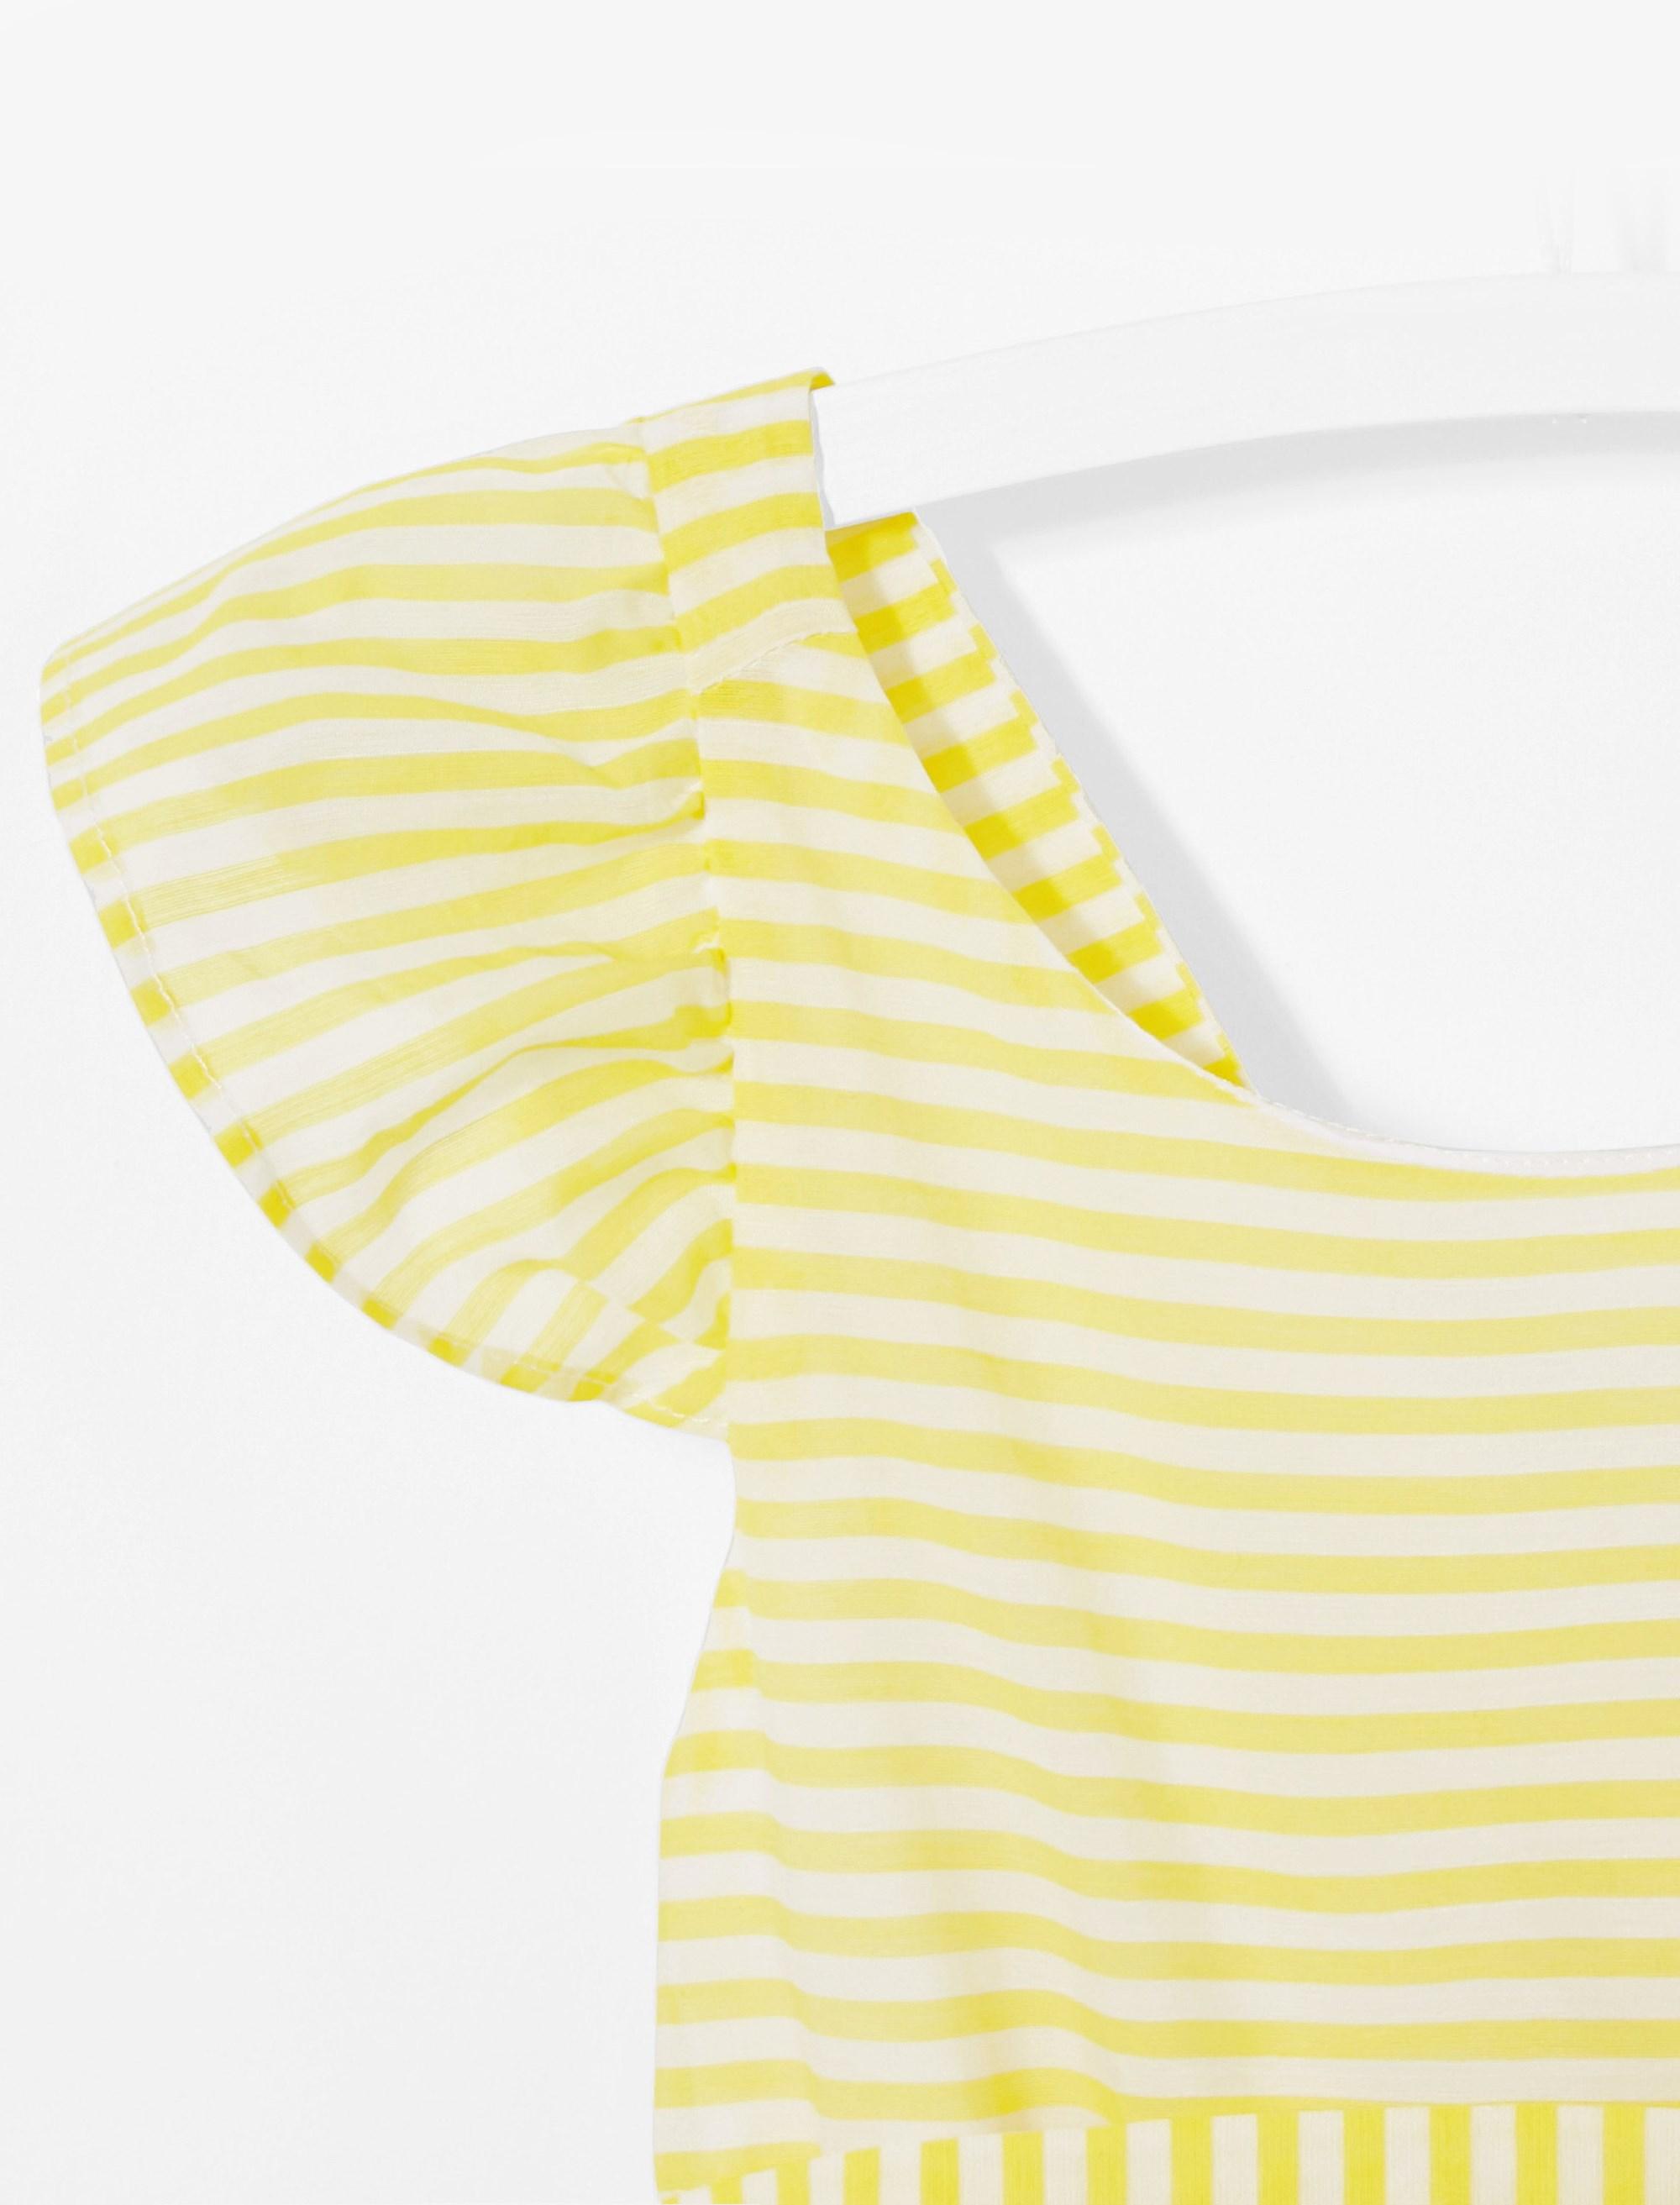 پیراهن روزمره دخترانه Linbis - زرد - 3